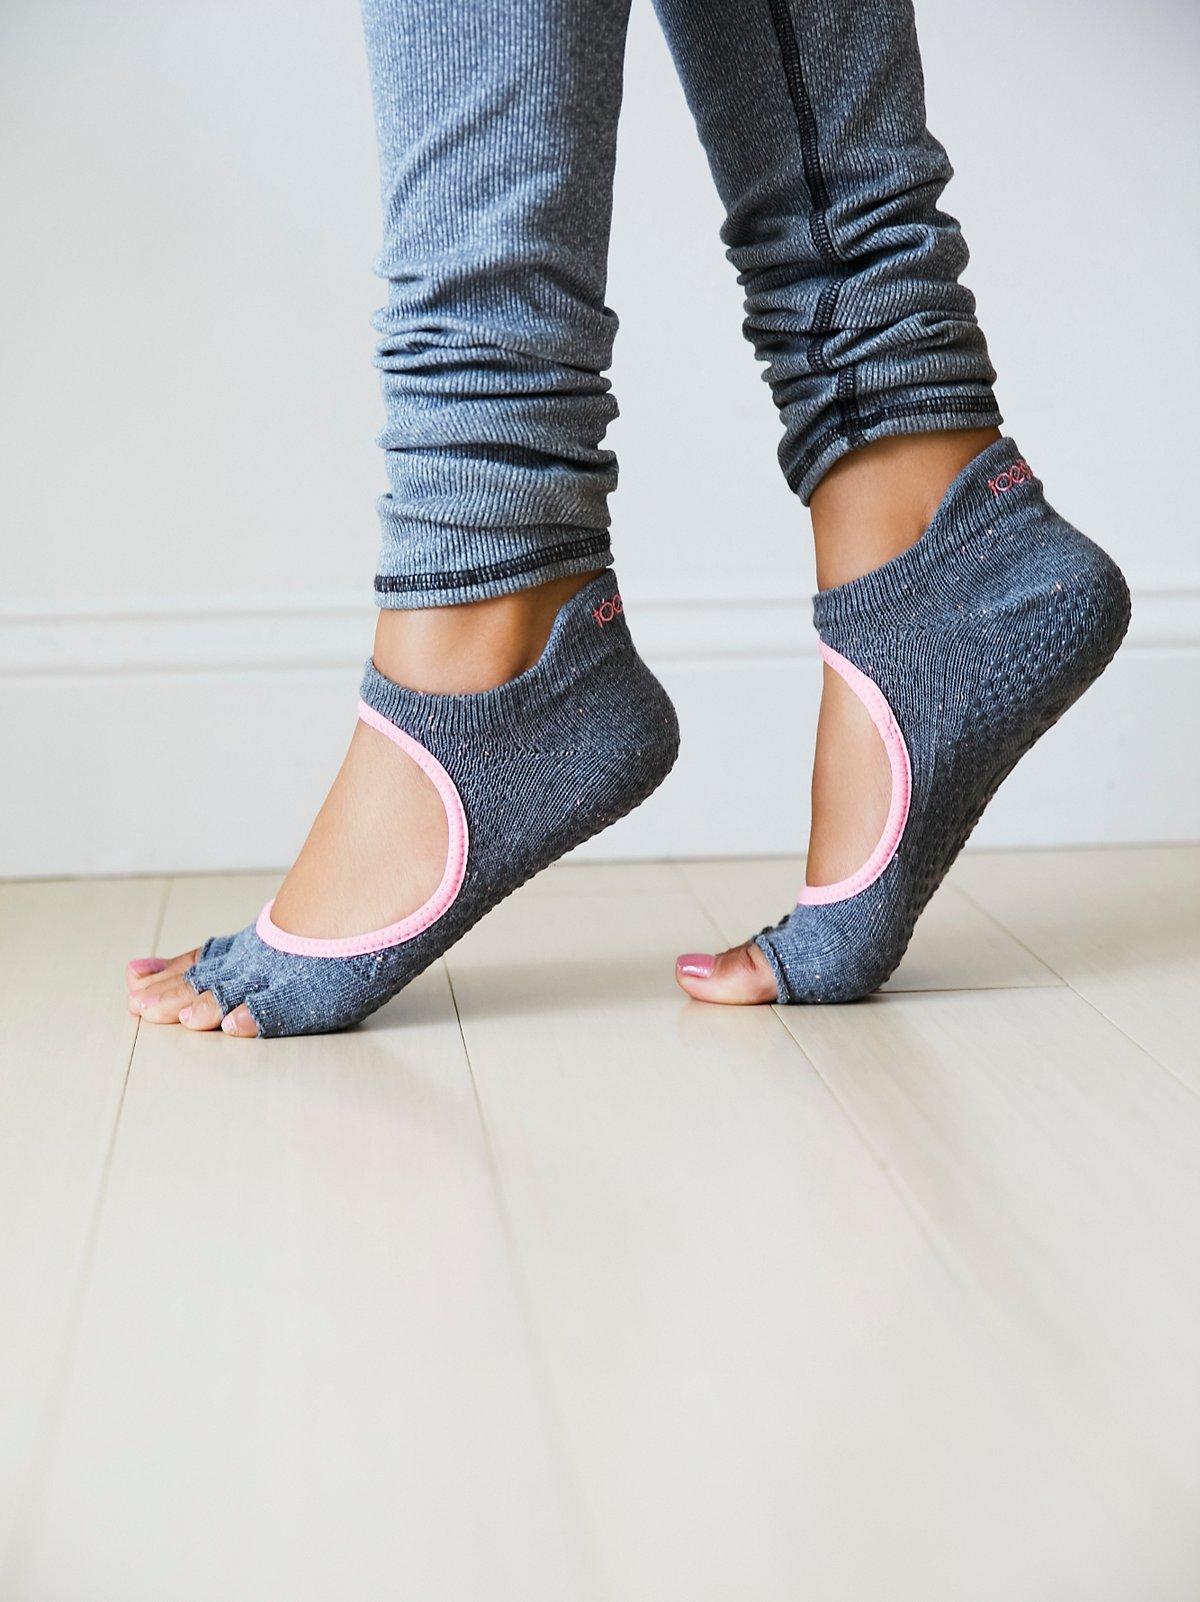 Bellarina Namaste Yoga Sock